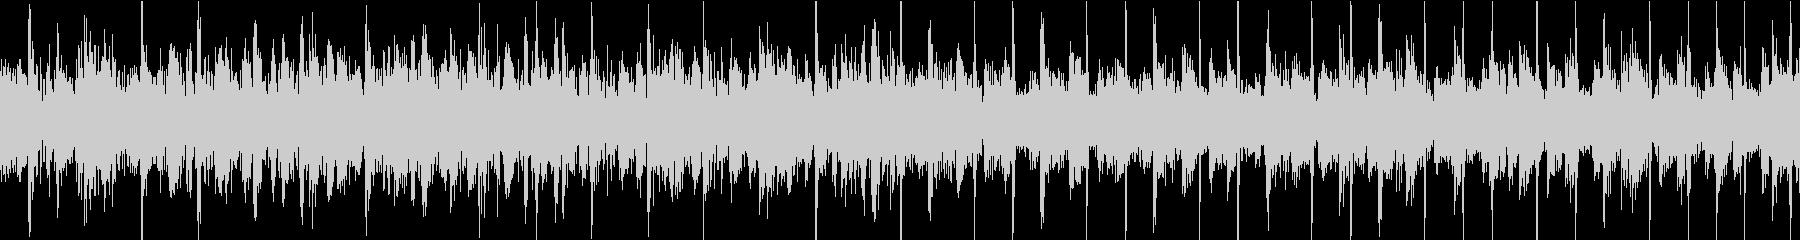 70sグラムロック風BGM ループ仕様の未再生の波形